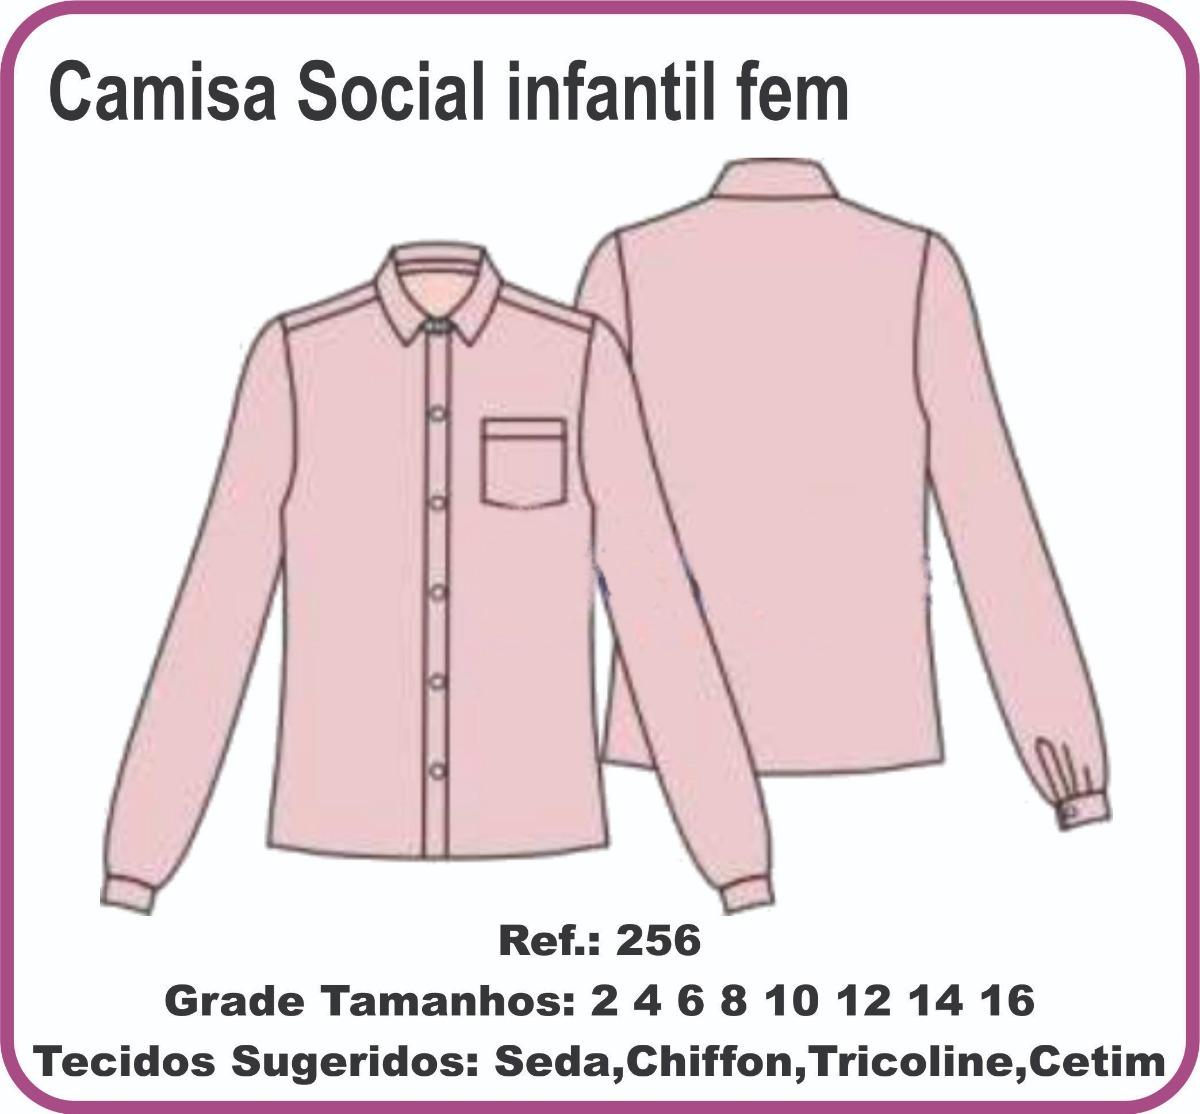 molde camisa social infantil fem 256. Carregando zoom. 38570733c2e95